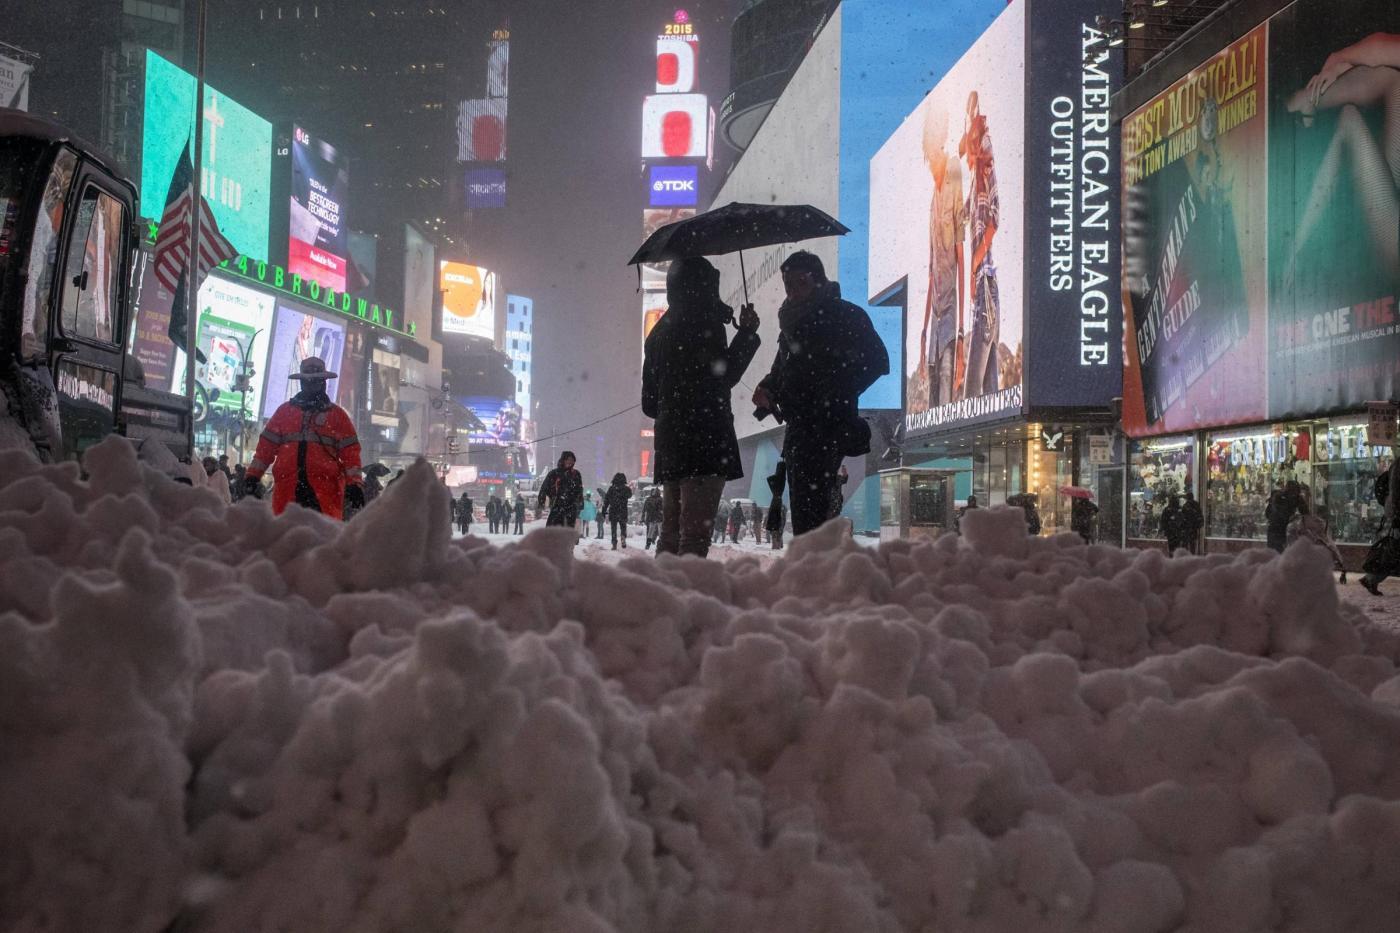 Tempesta di neve storica a New York  ordinato lo stato di emergenza ... 09b75a516269